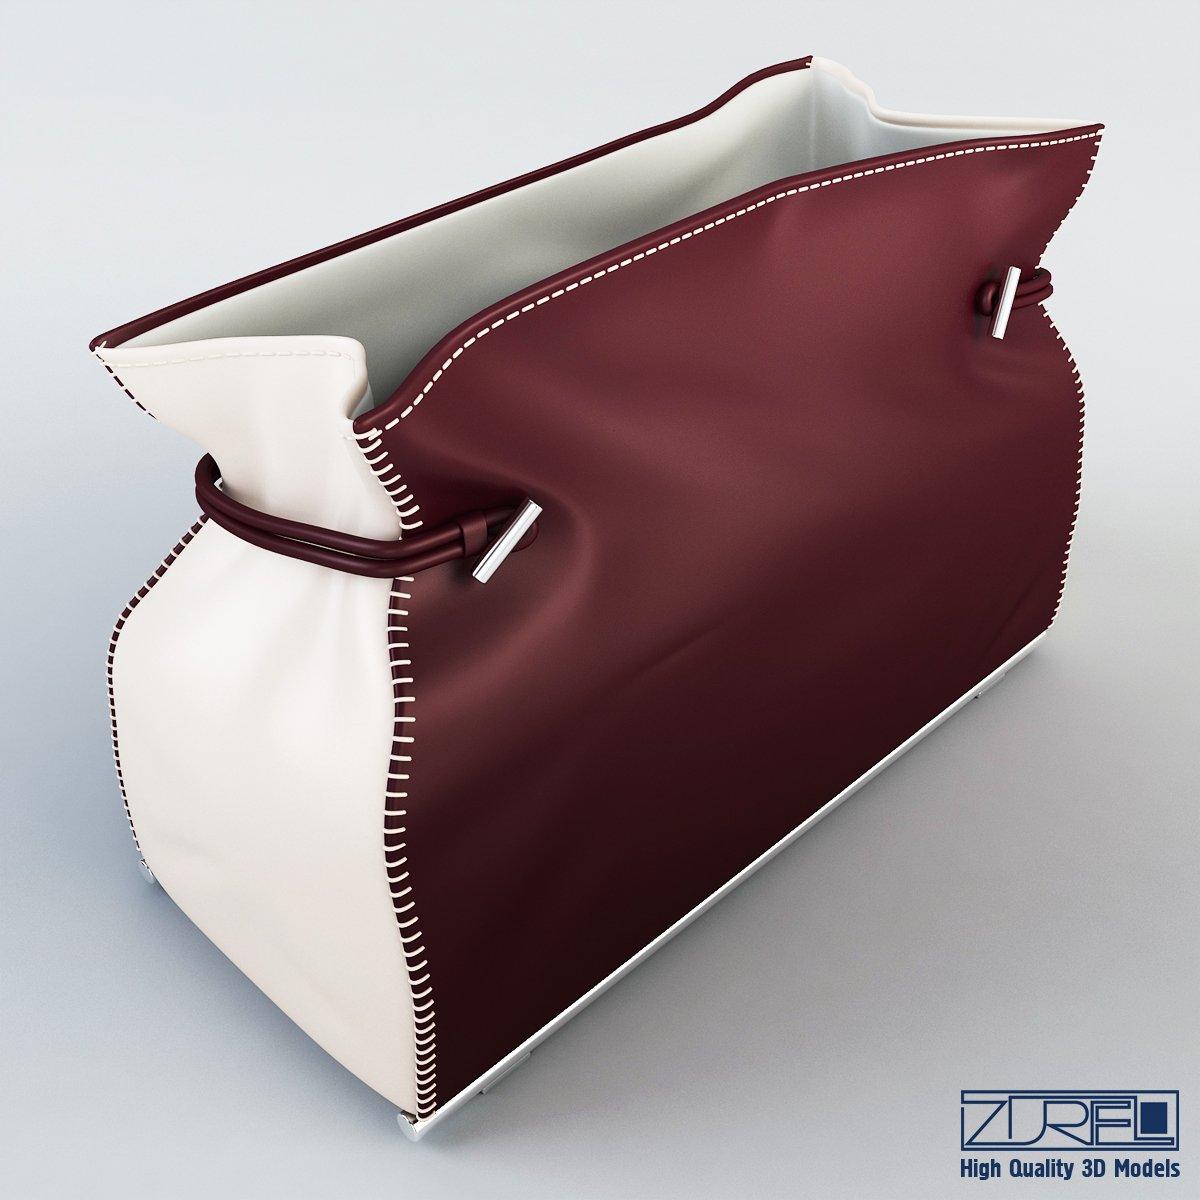 29773bde48e Charlotte bag 3D Model in Clothing 3DExport